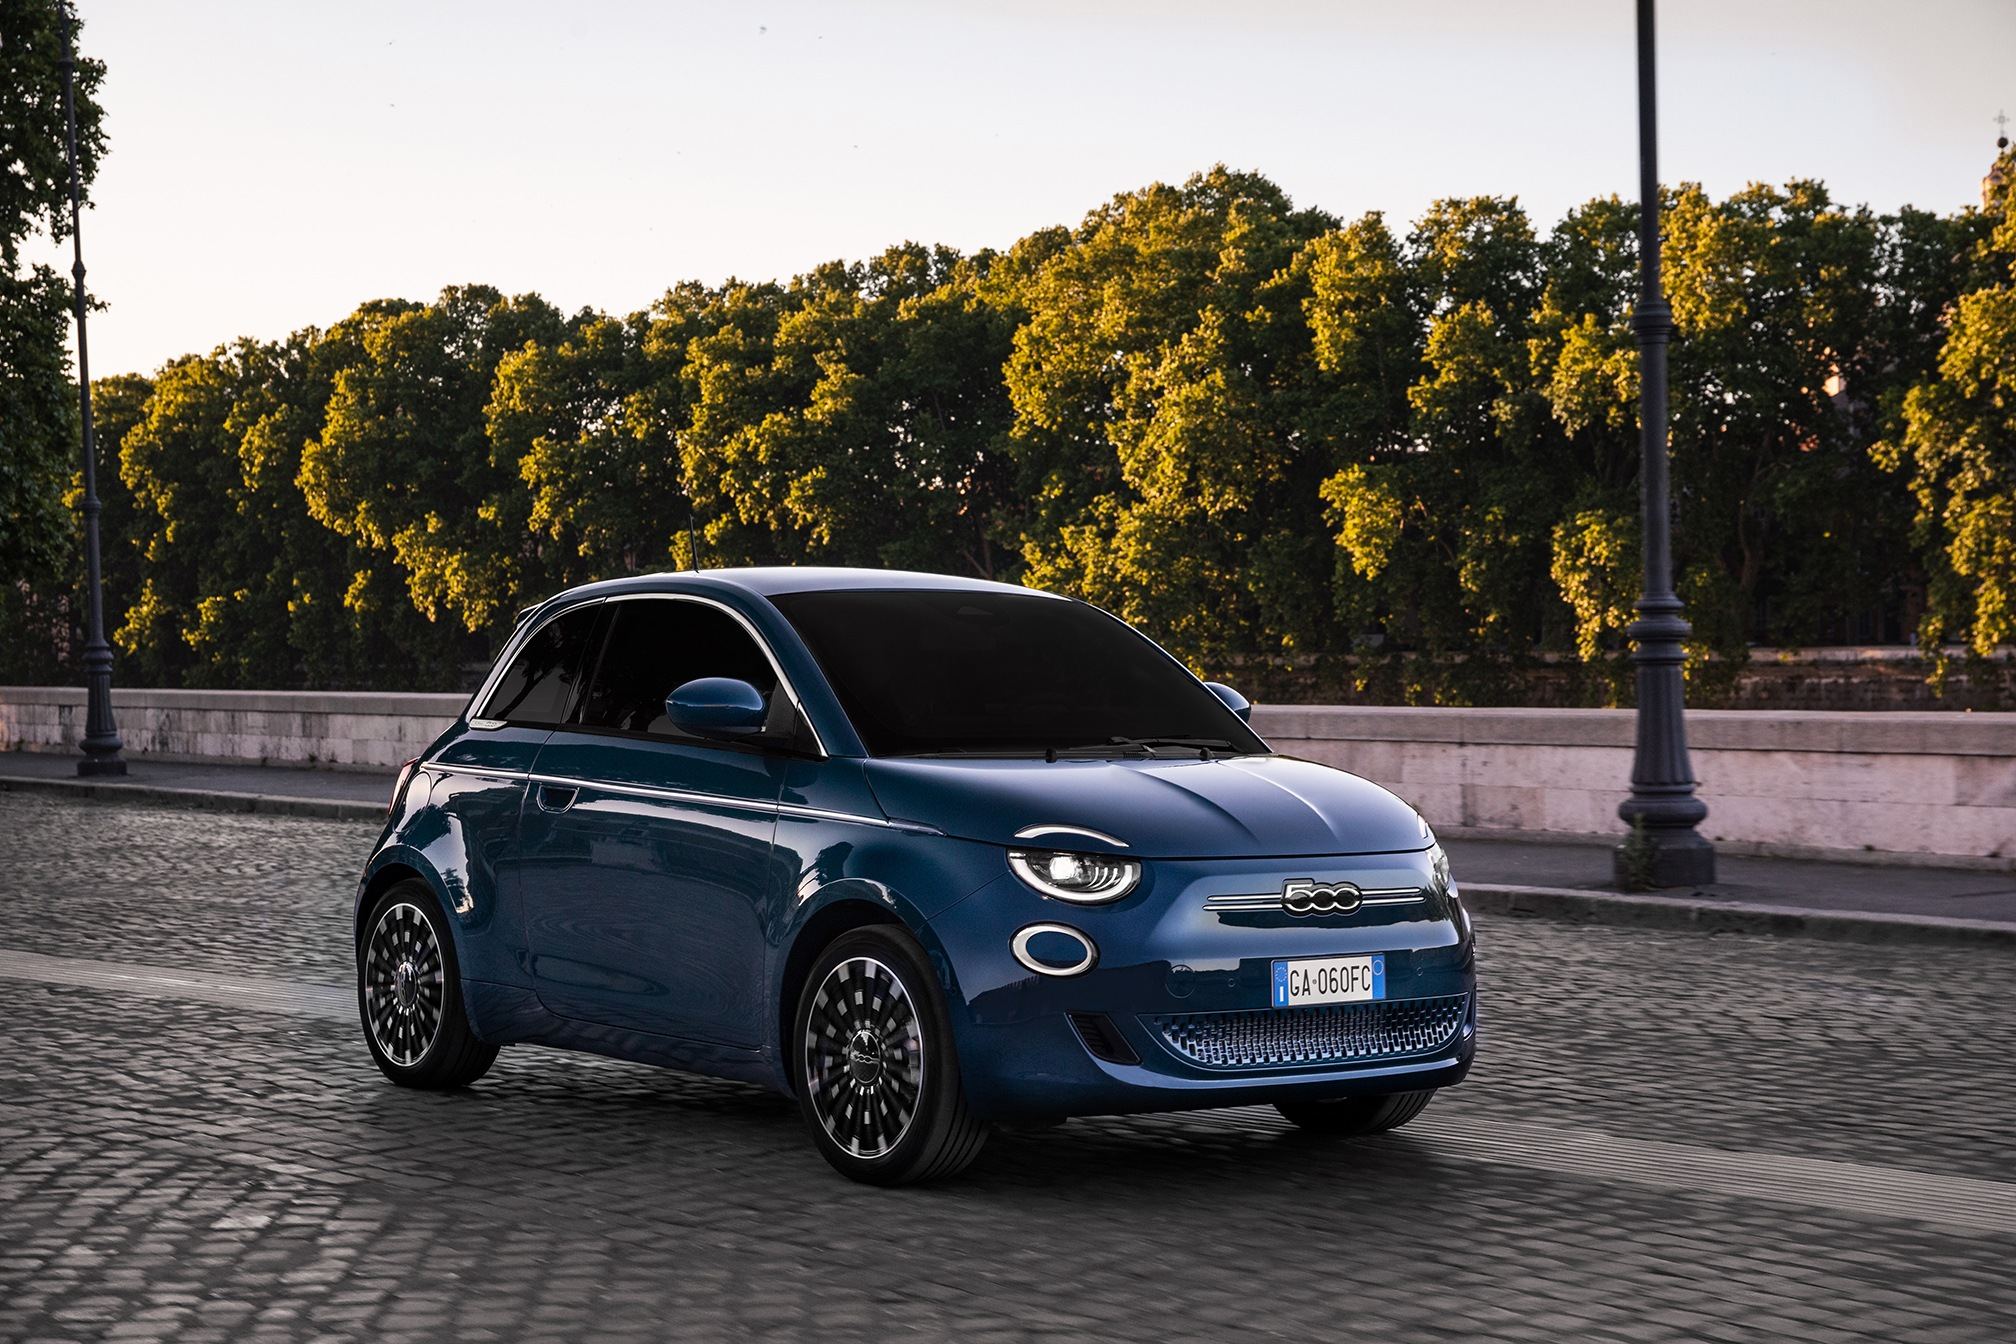 Fiat 500 électrique : tout ce qu'il faut savoir sur la citadine révolutionnaire